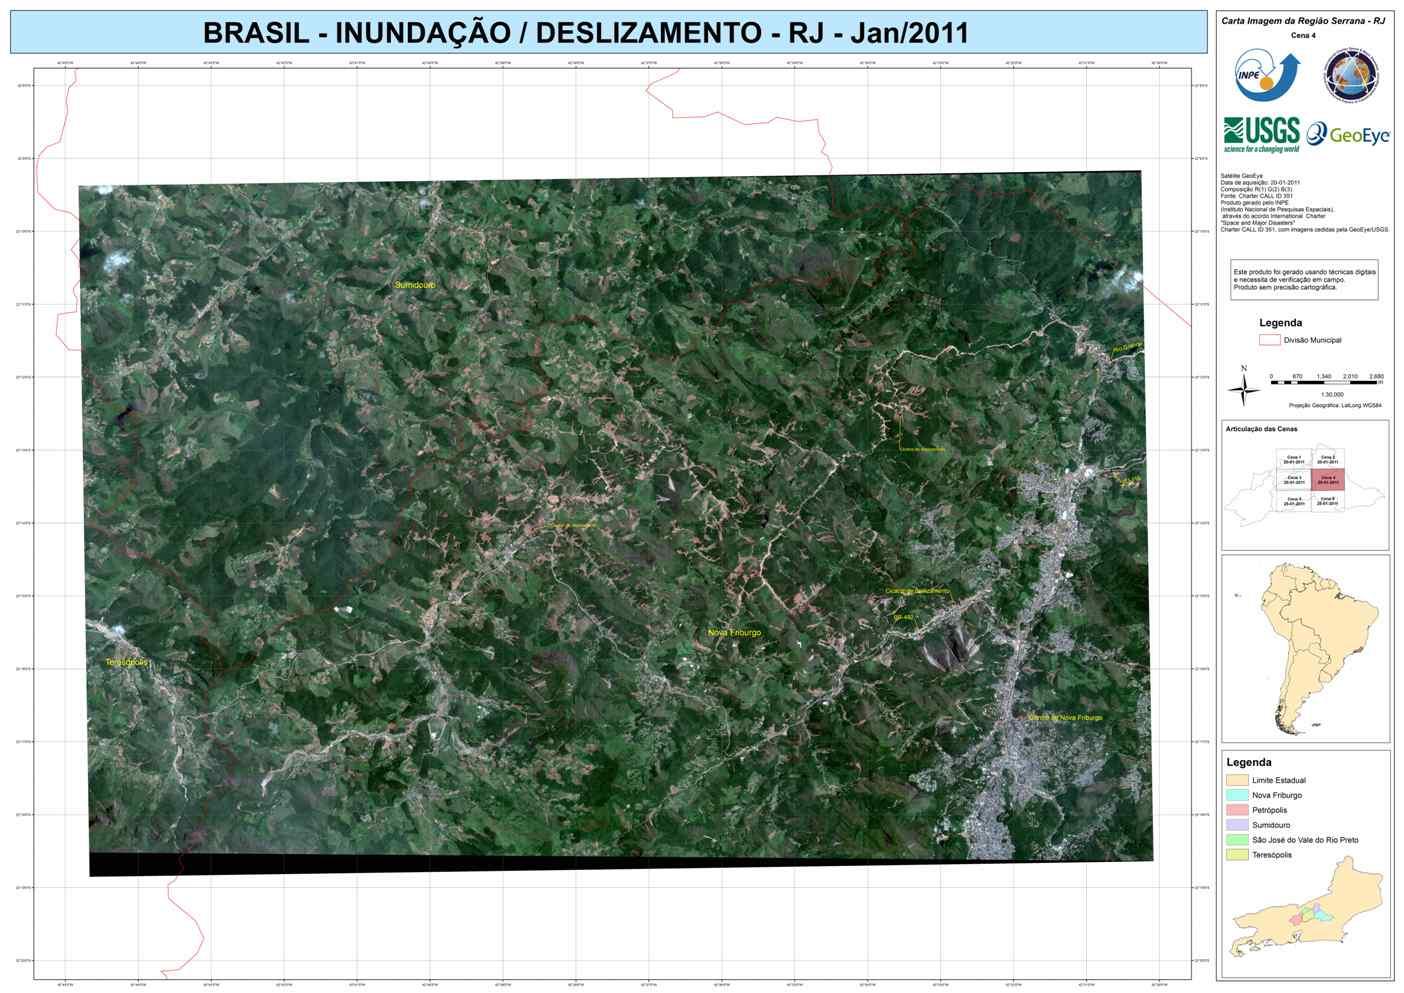 Inundação Região Serrana-RJ